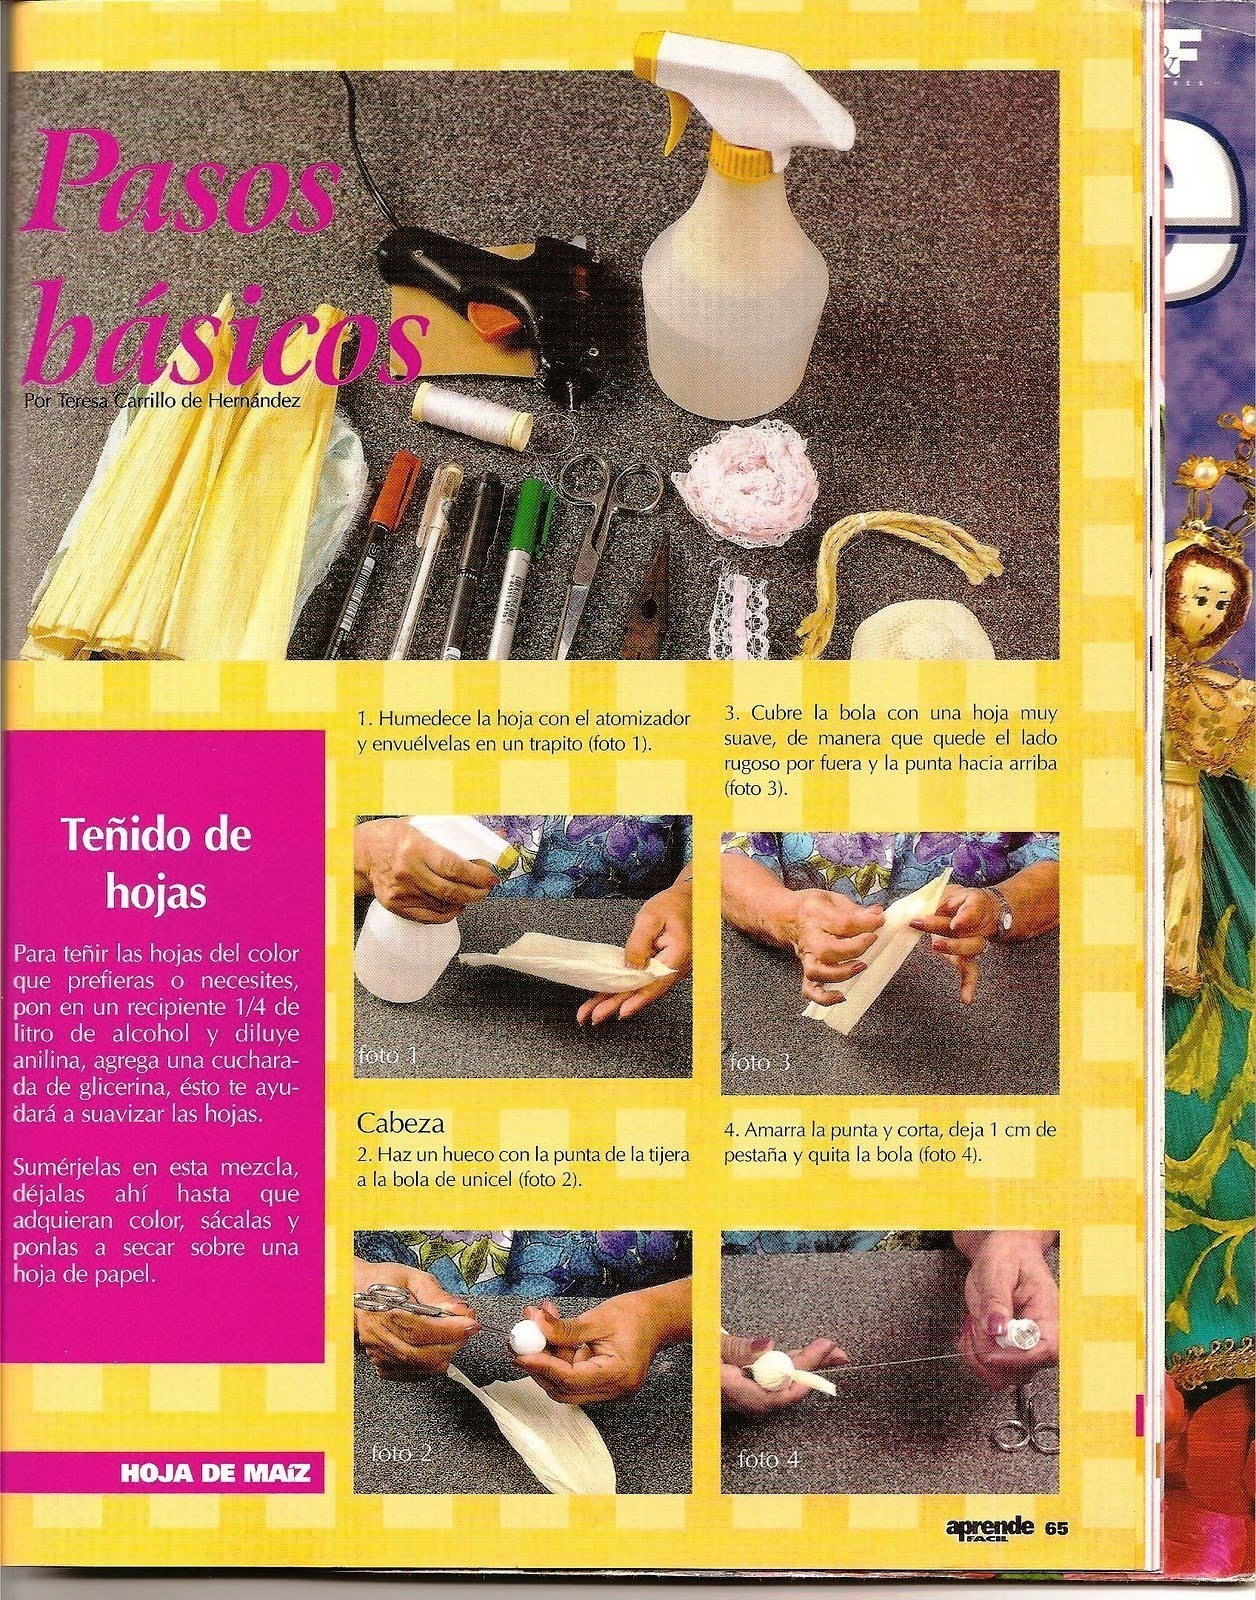 Manualidades y artesanias Salticoz: teñir las hojas de maiz